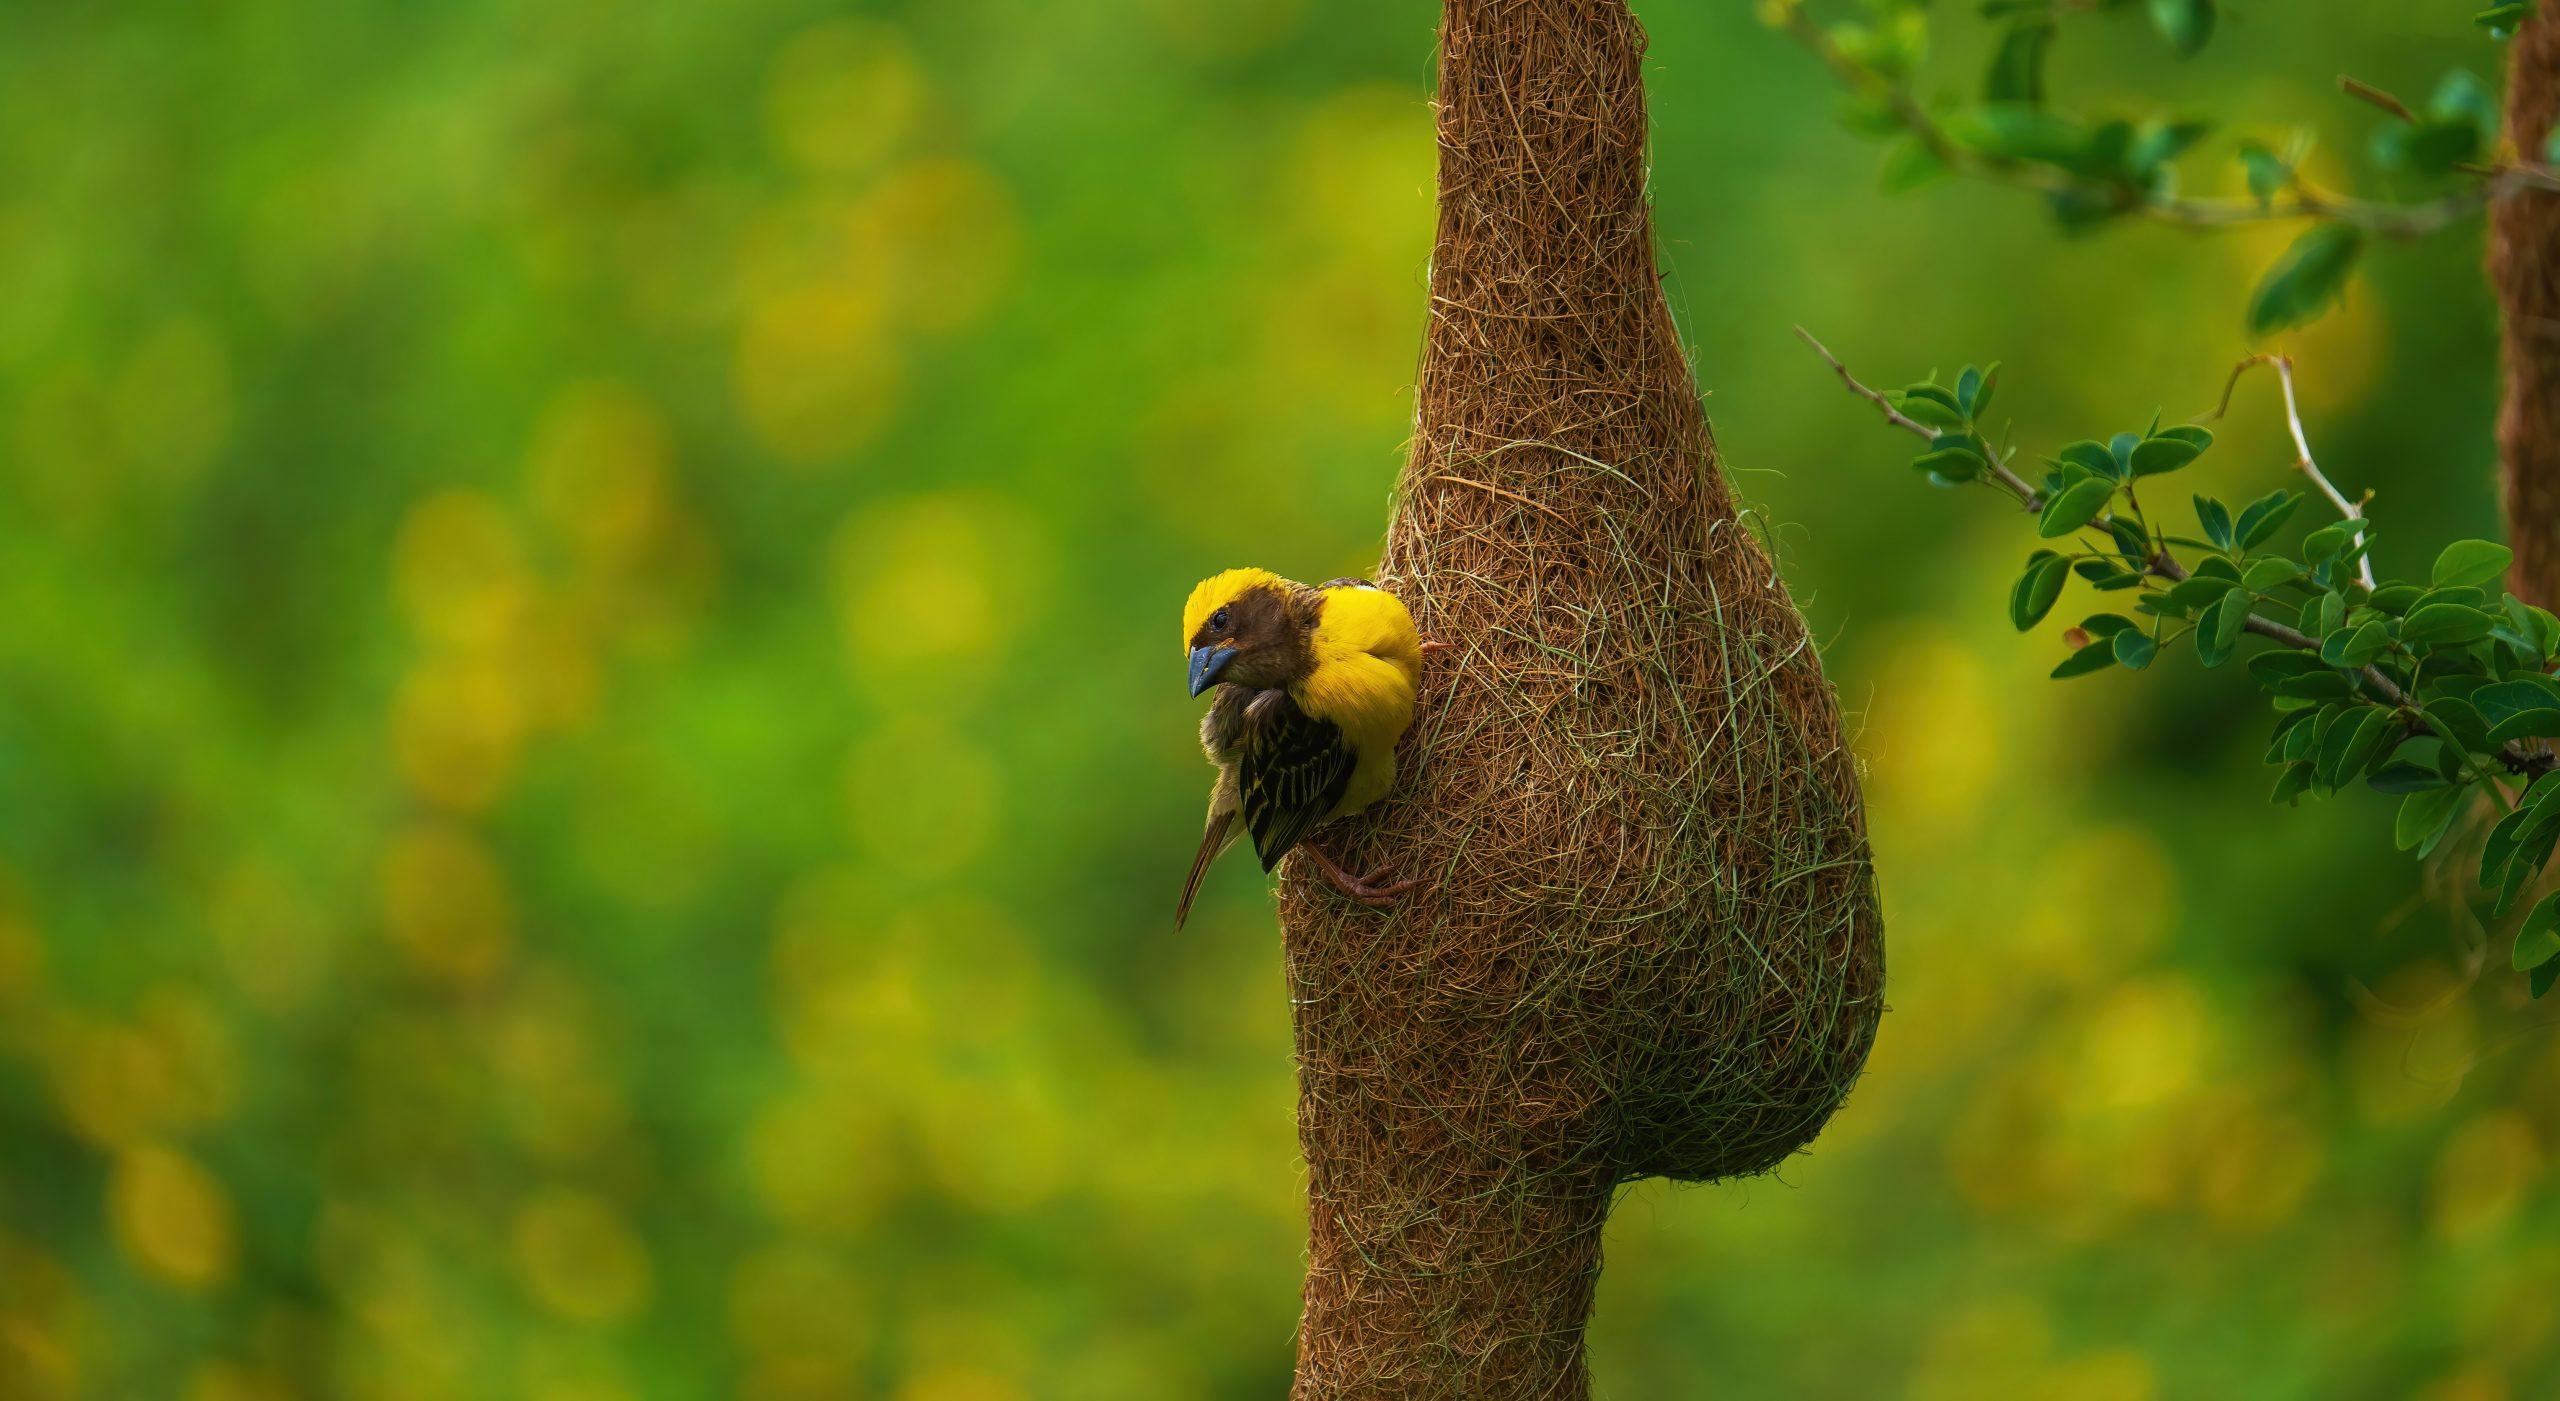 bird sitting on her nest